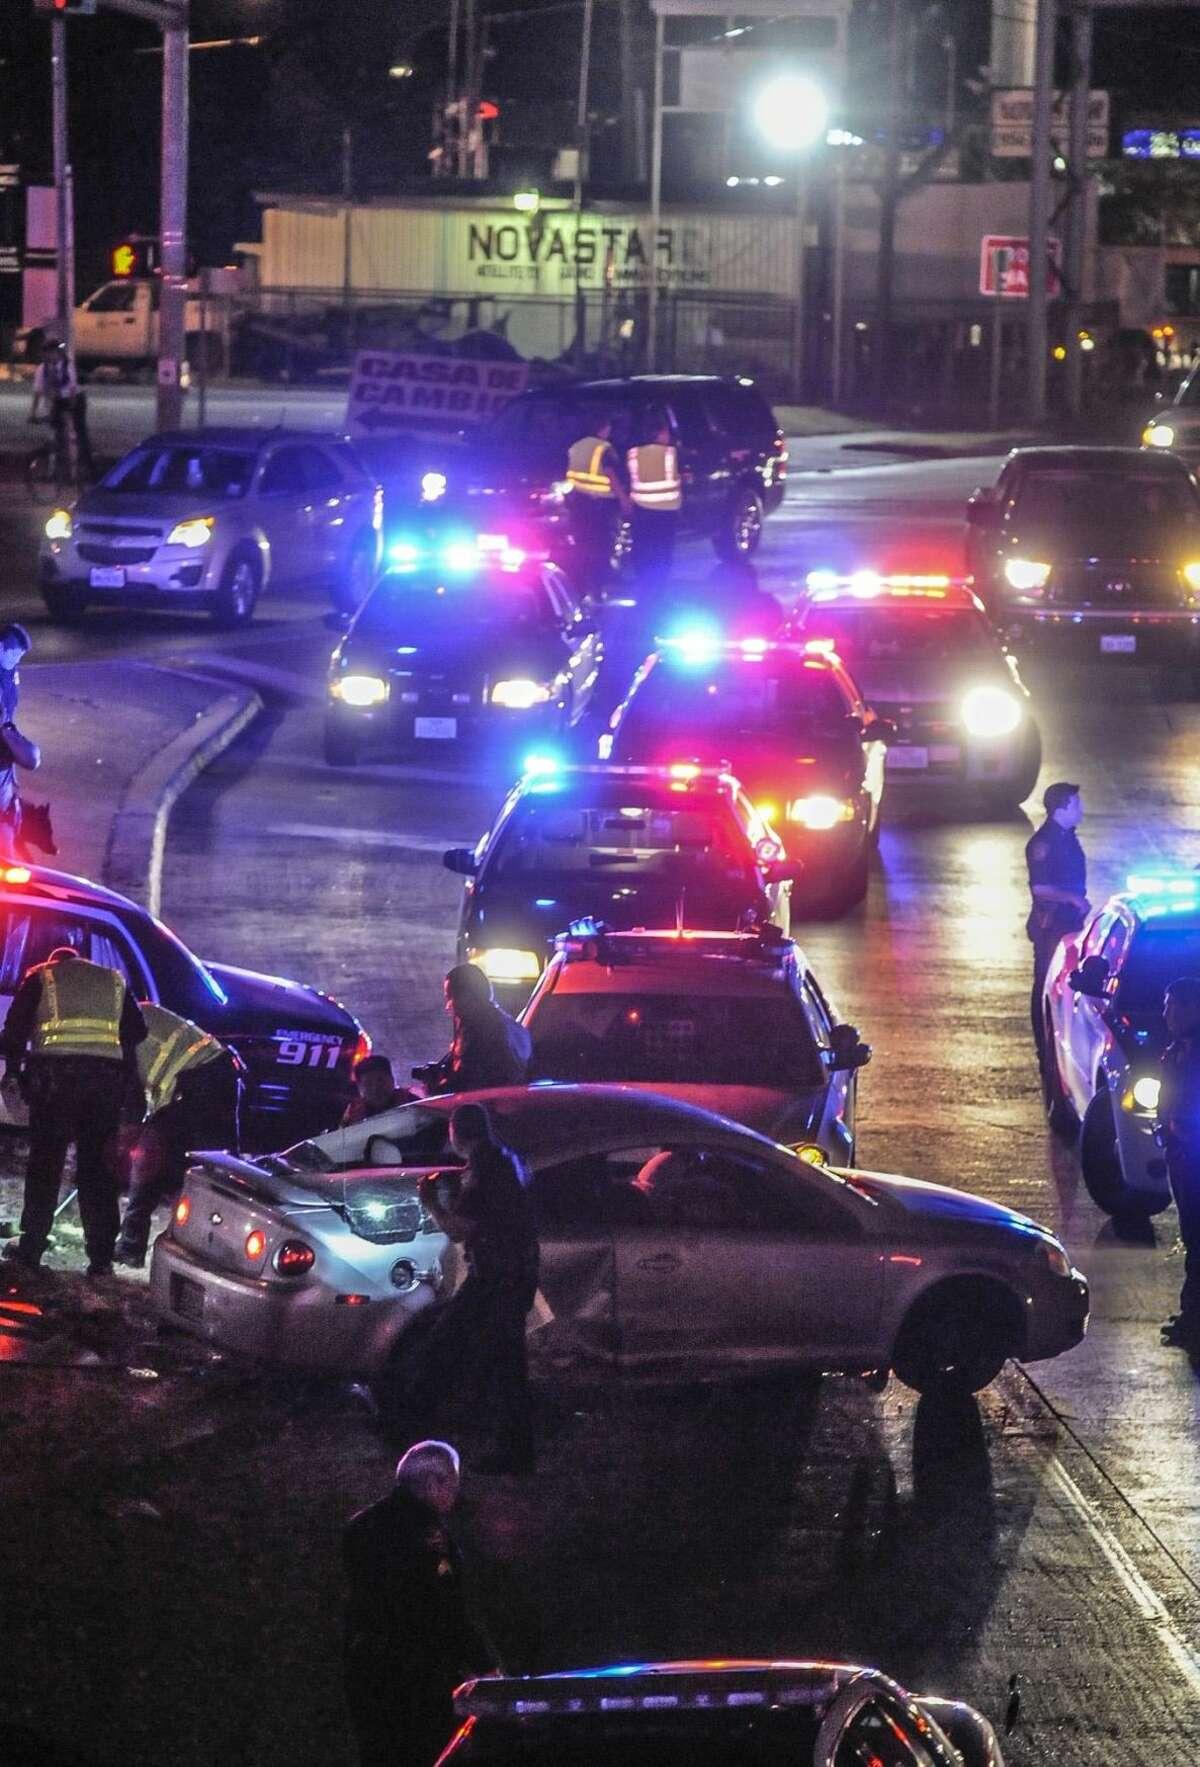 Una persecución policíaca concluyó a alrededor de las 7:30 p.m. del martes, después de que un hombre que huía de las autoridades perdiera el control del vehículo y se impactara con una unidad de policía cerca de I-35 y calle Victoria. Foto por Danny Zaragoza